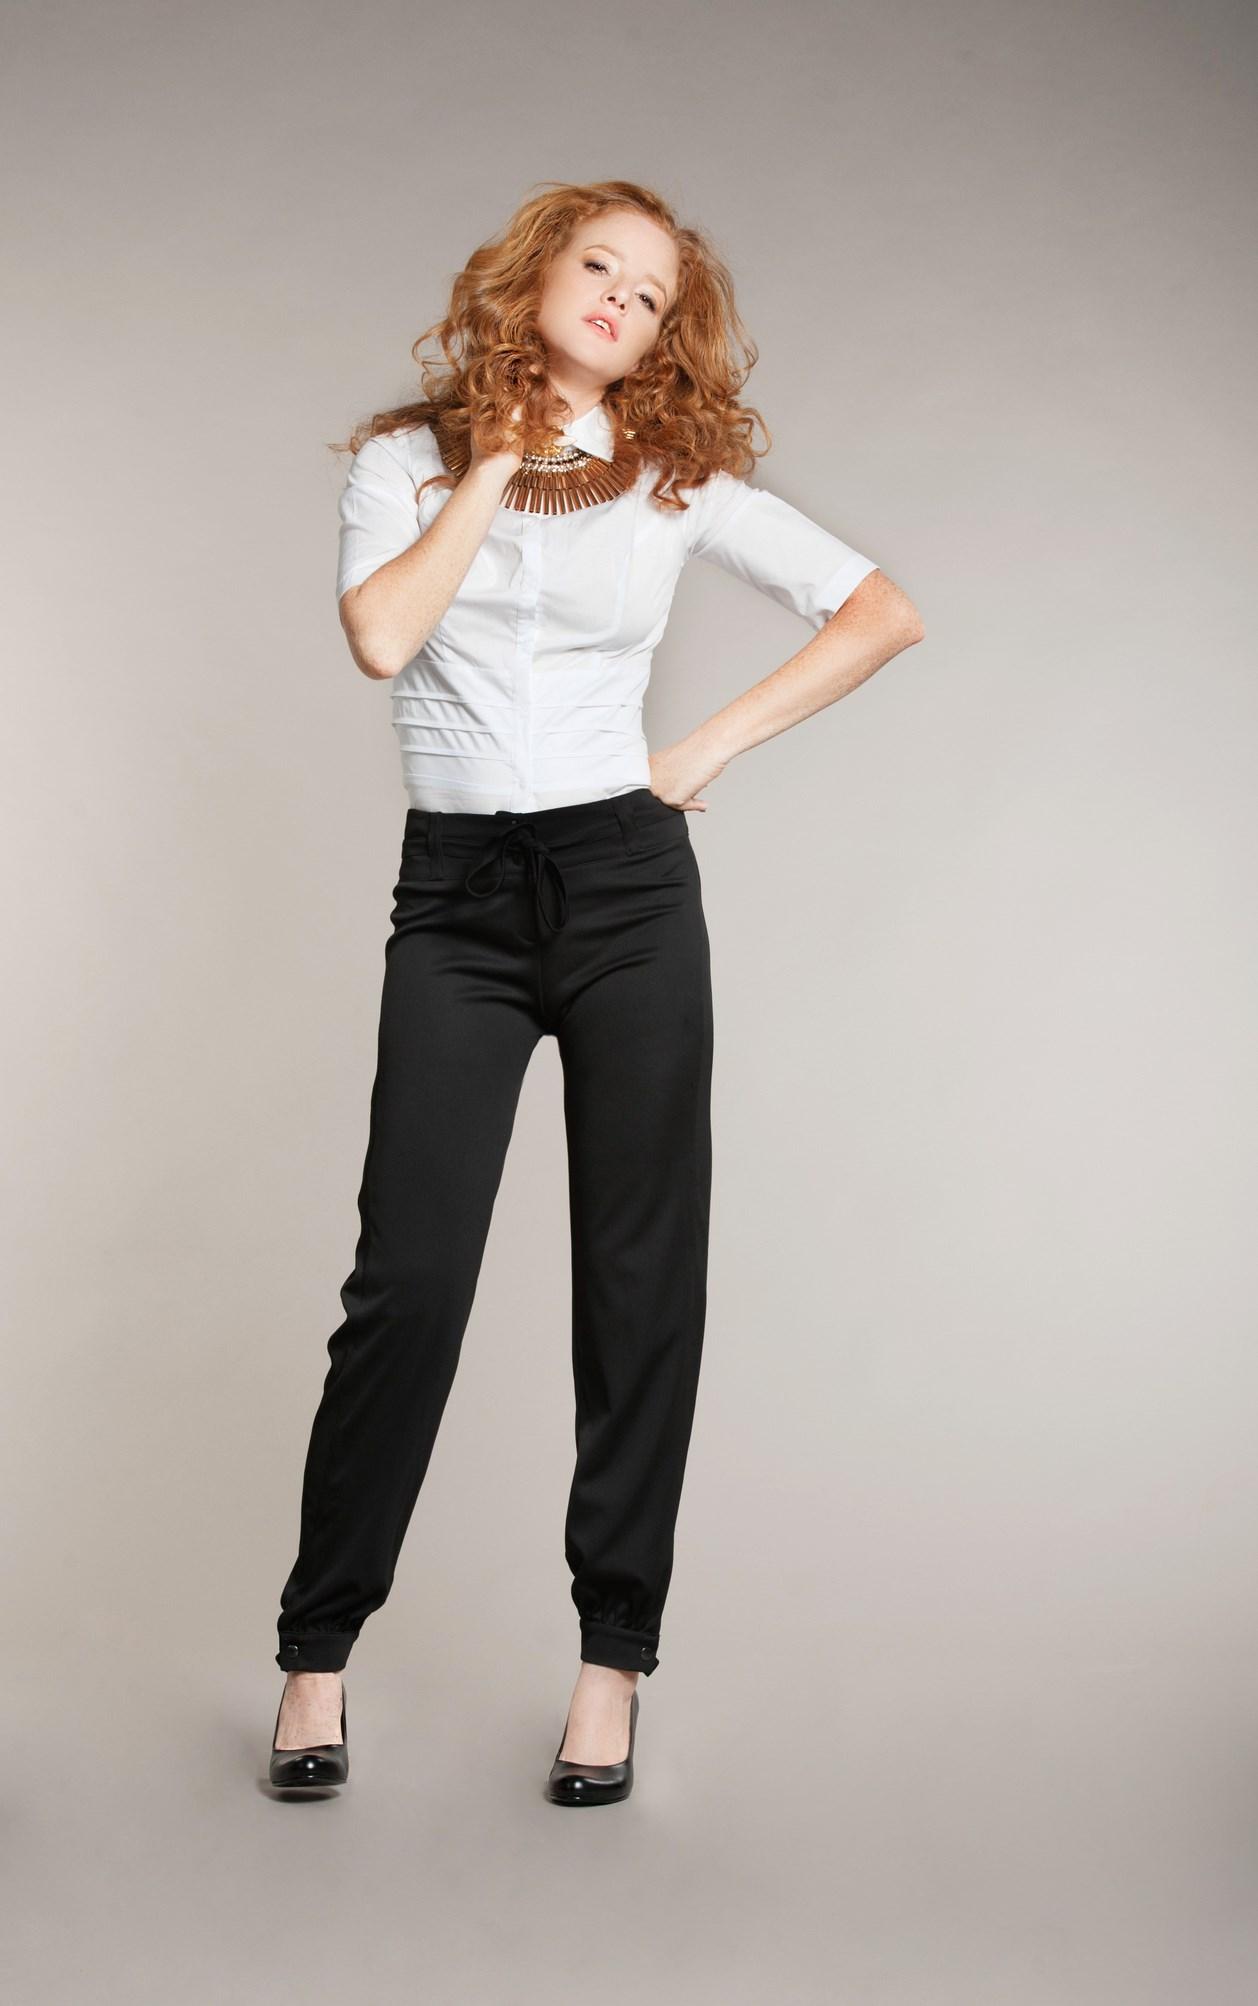 טלי אימבר מכנסיים 429 חולצה מכופתרת 349 צילום גלית דויטש.jpg